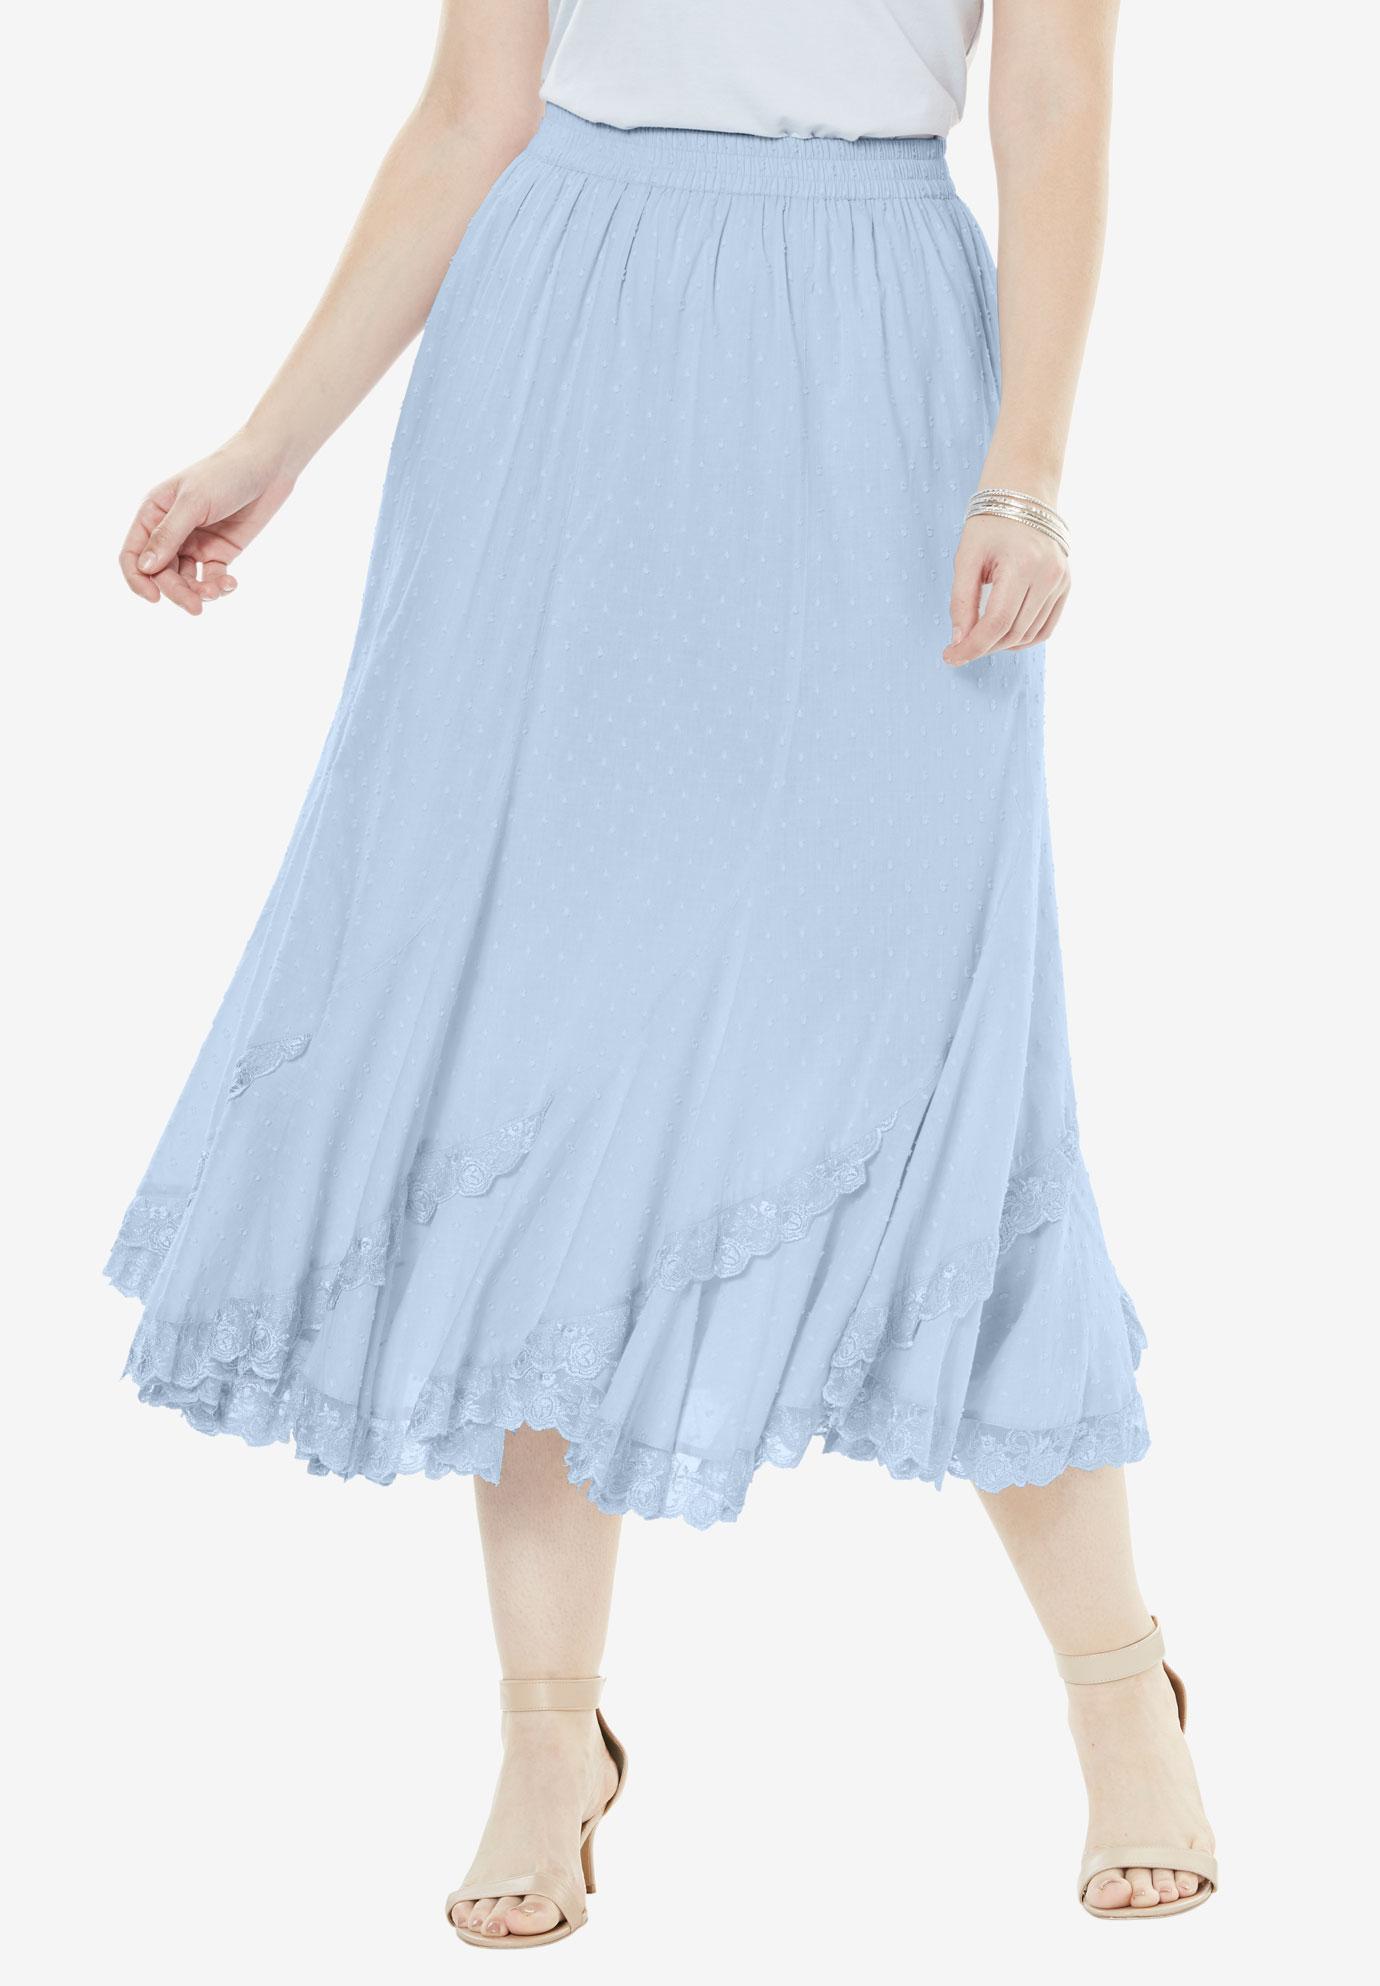 760afbf9309 Cotton Lace Skirt